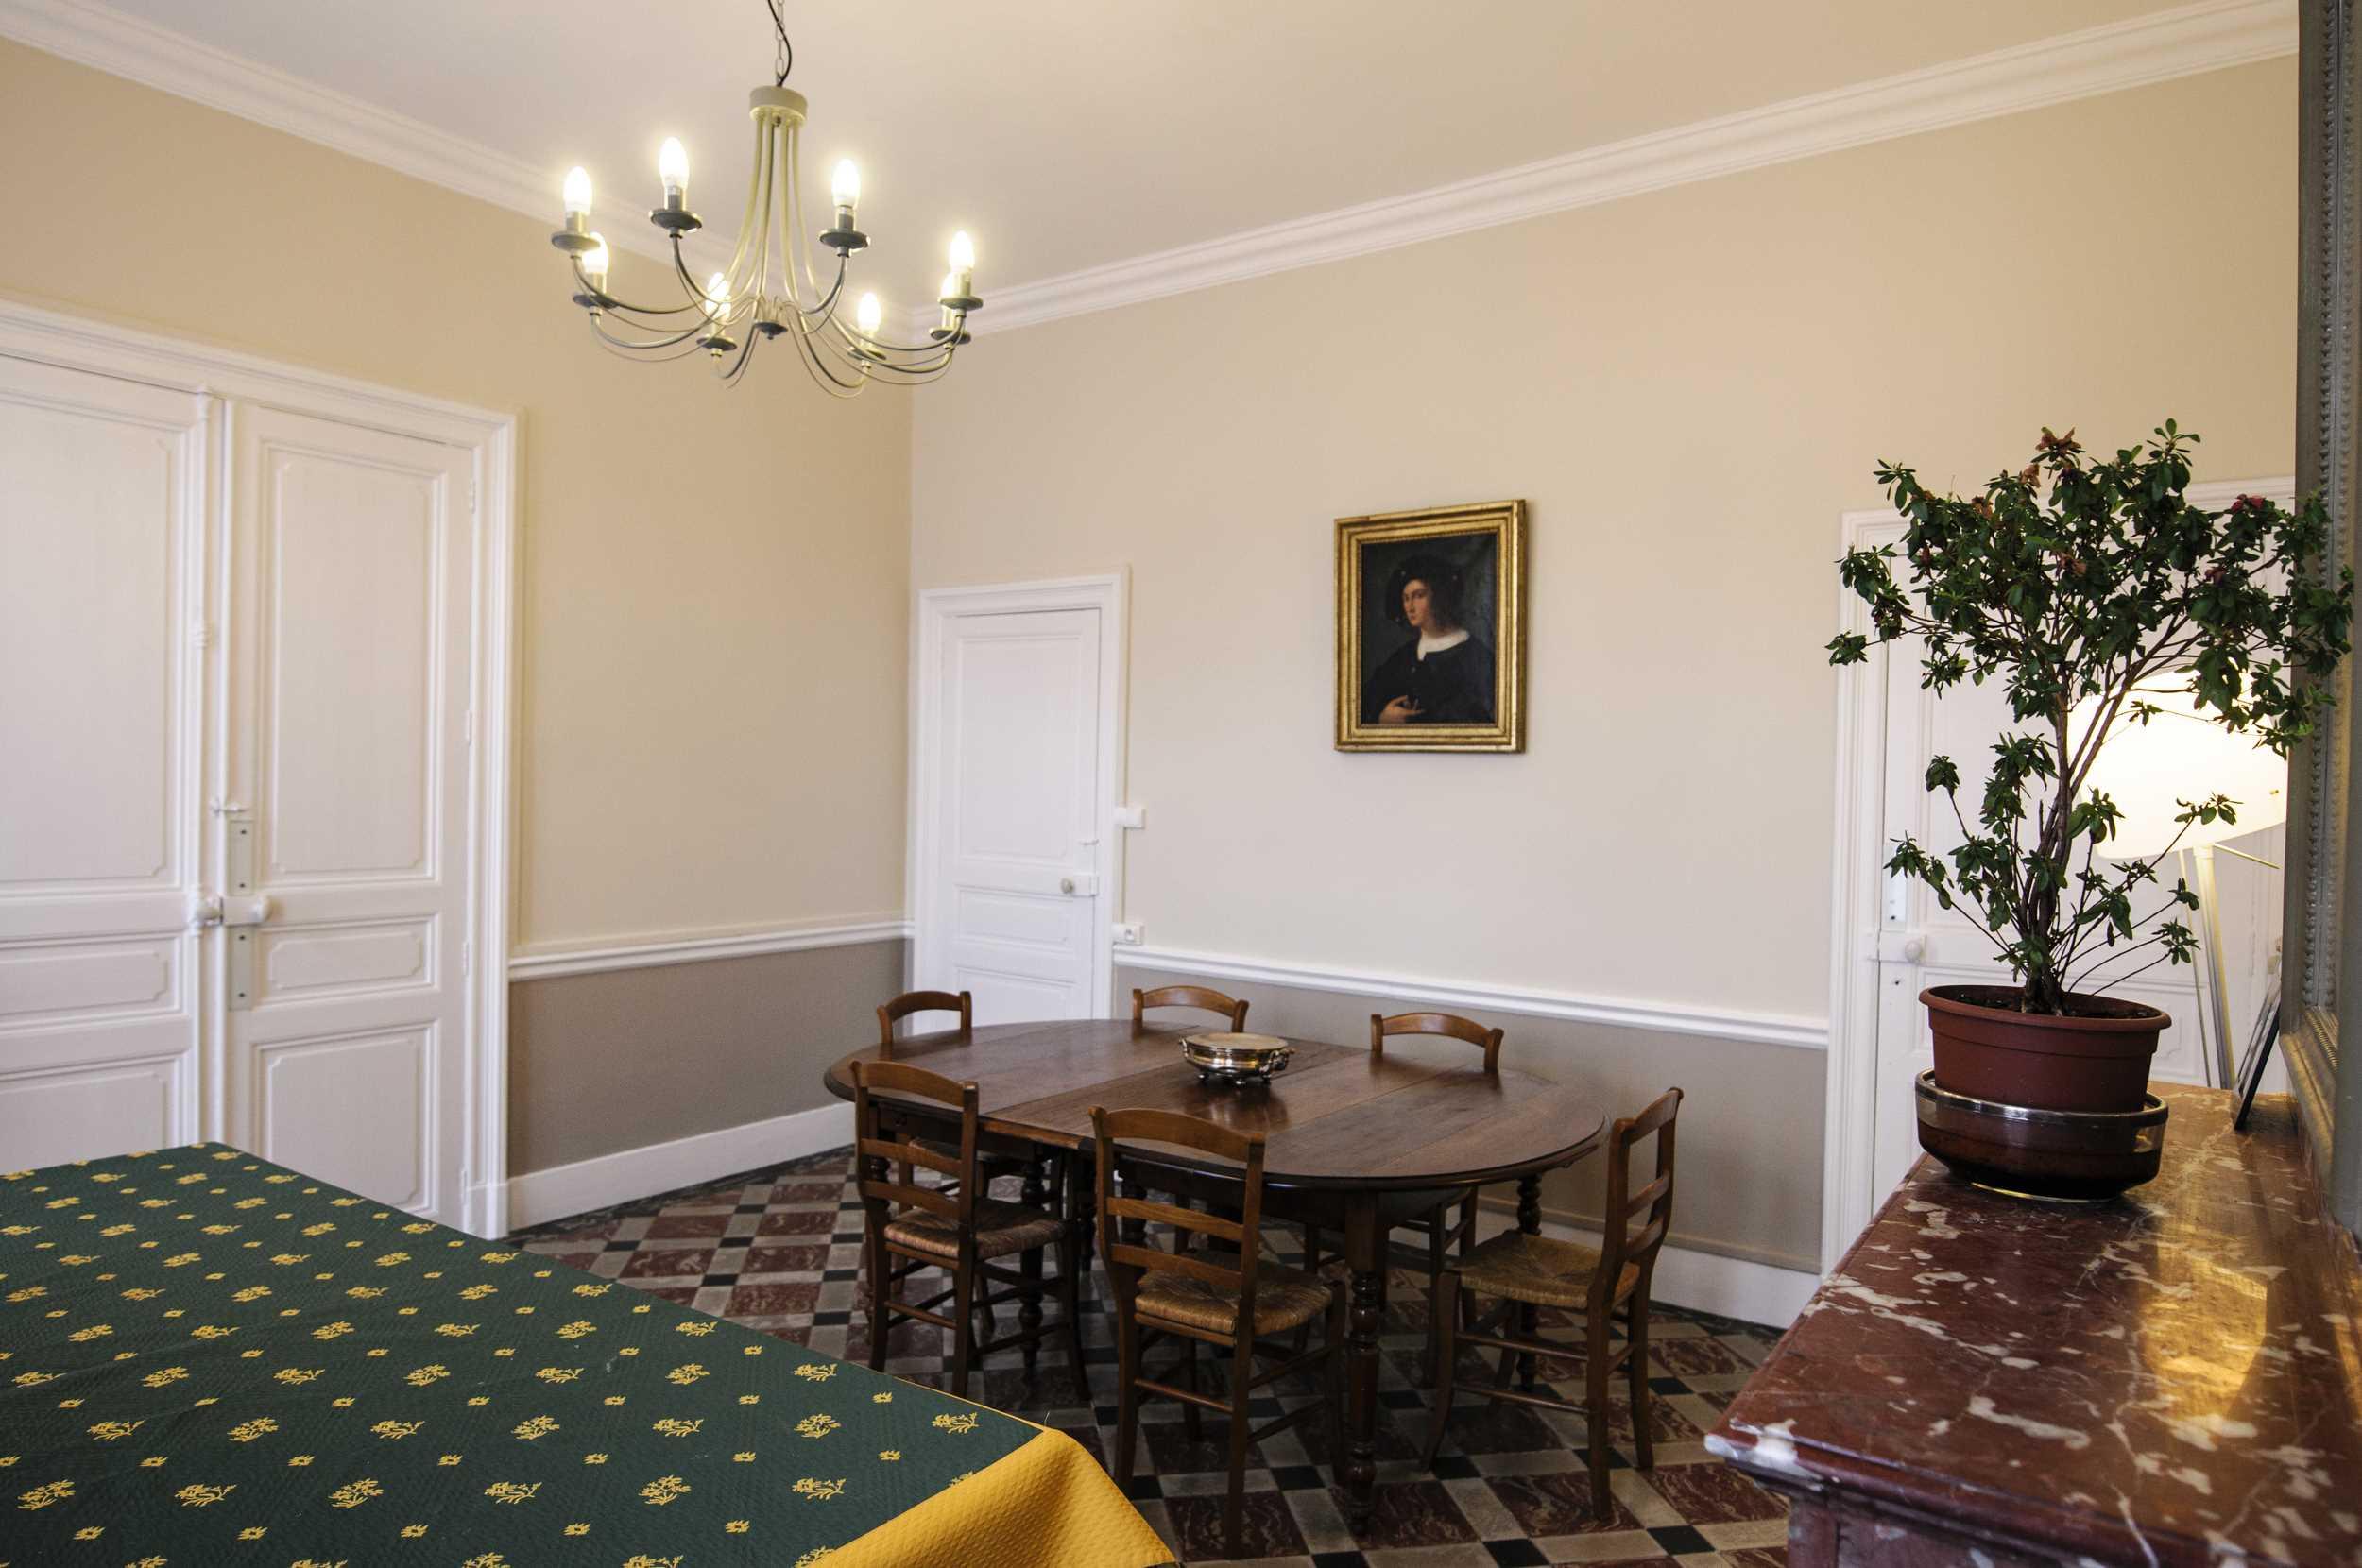 Decoration peinture pour salon salle a manger id es de travaux - Peinture salle a manger ...